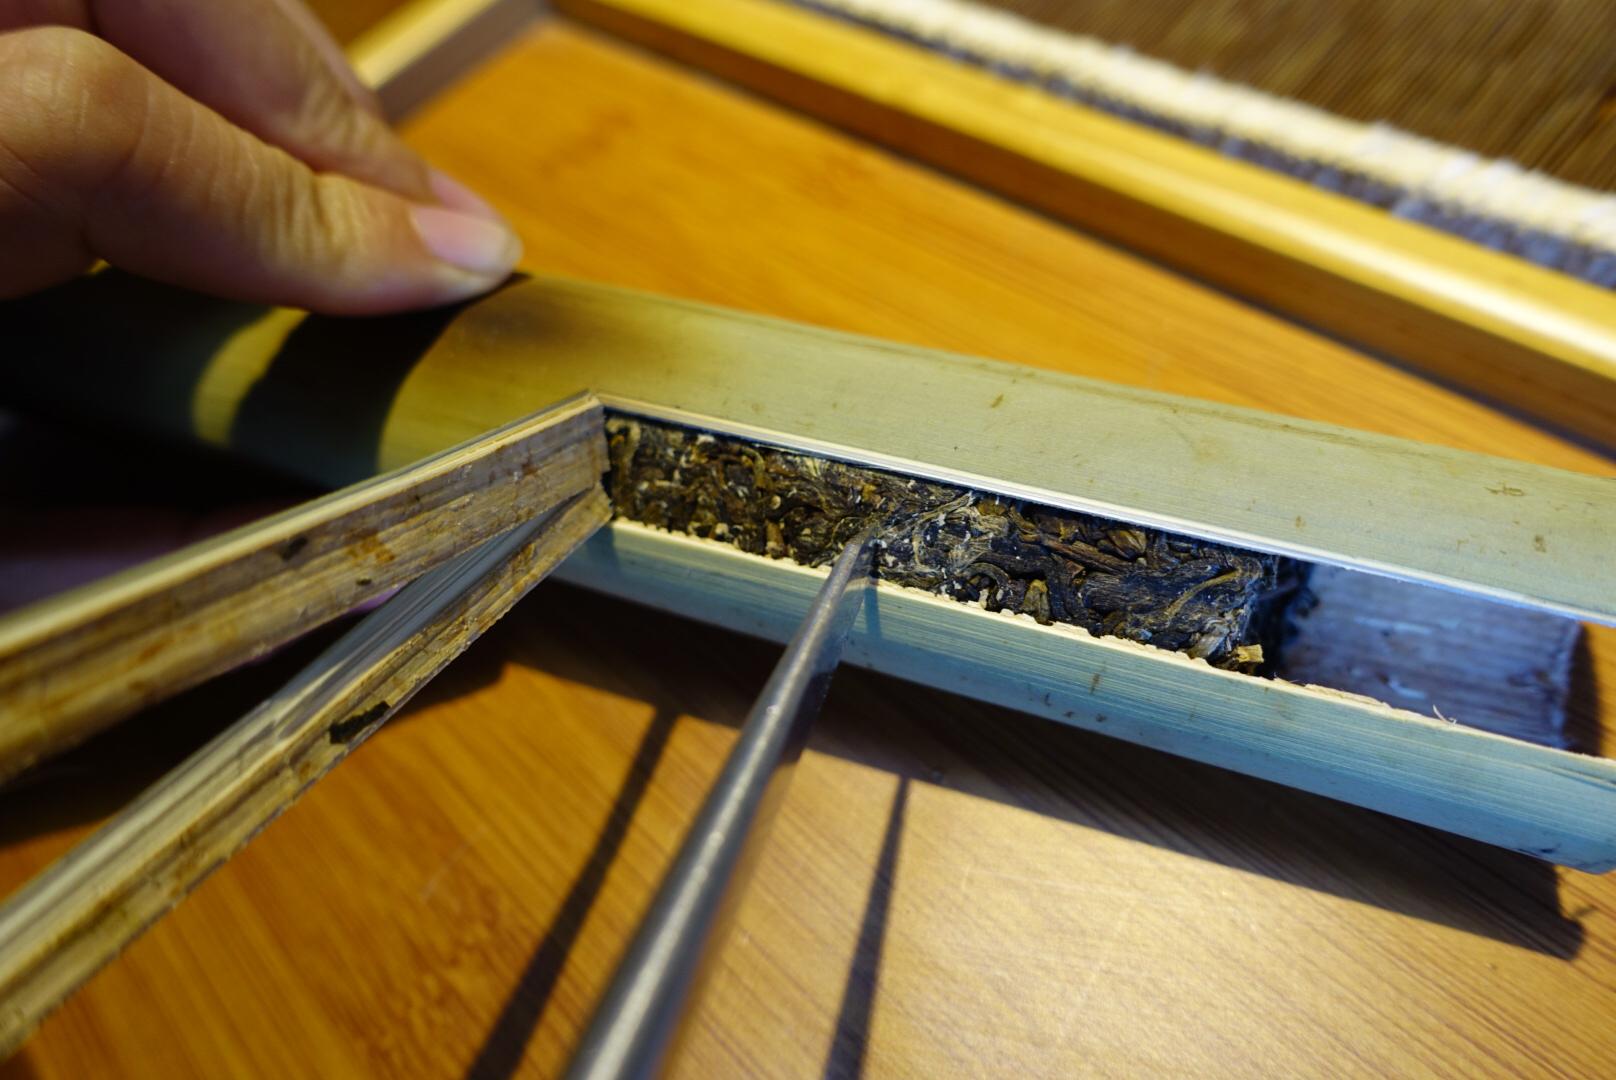 小香竹筒茶——古树茶配新鲜竹子手工制作